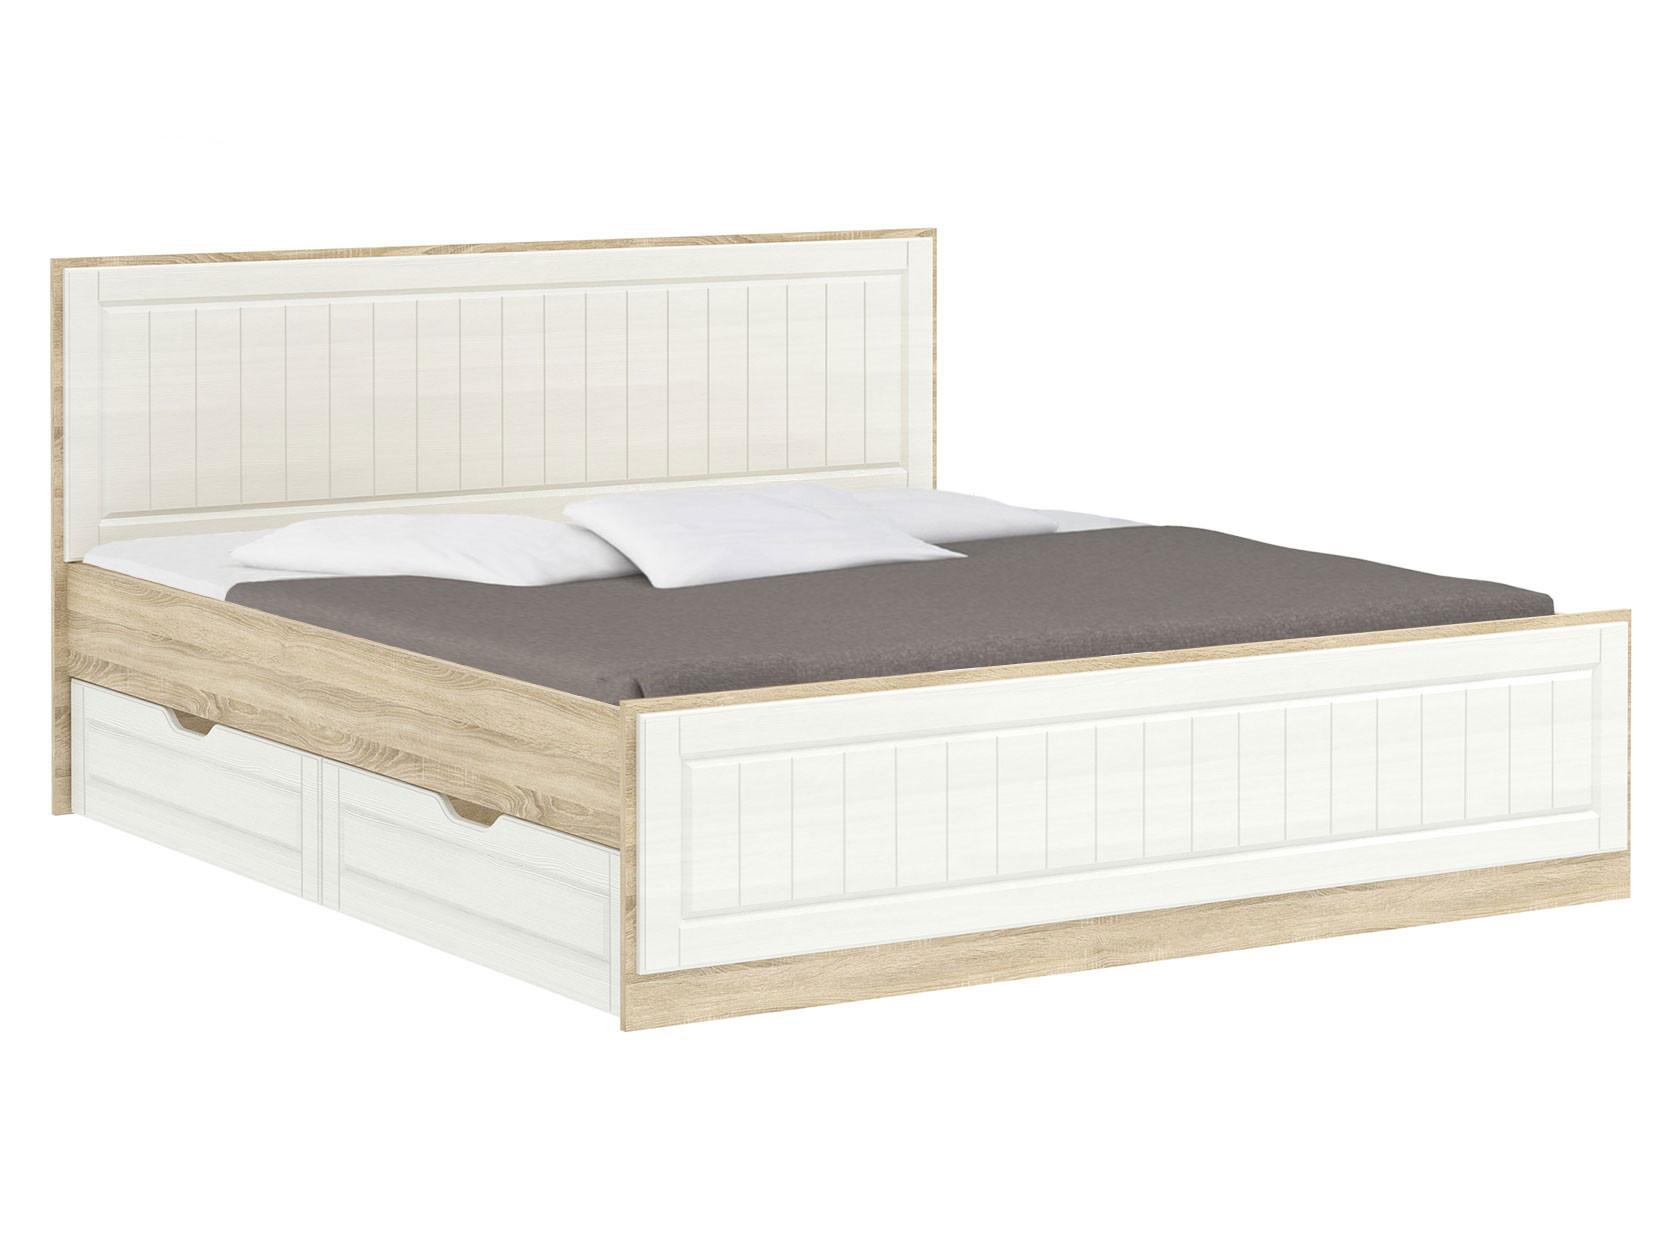 Двуспальная кровать  Оливия Лайт НМ 040.34 Дуб сонома / Белое дерево, 180х200 см, С ящиками Сильва 126547